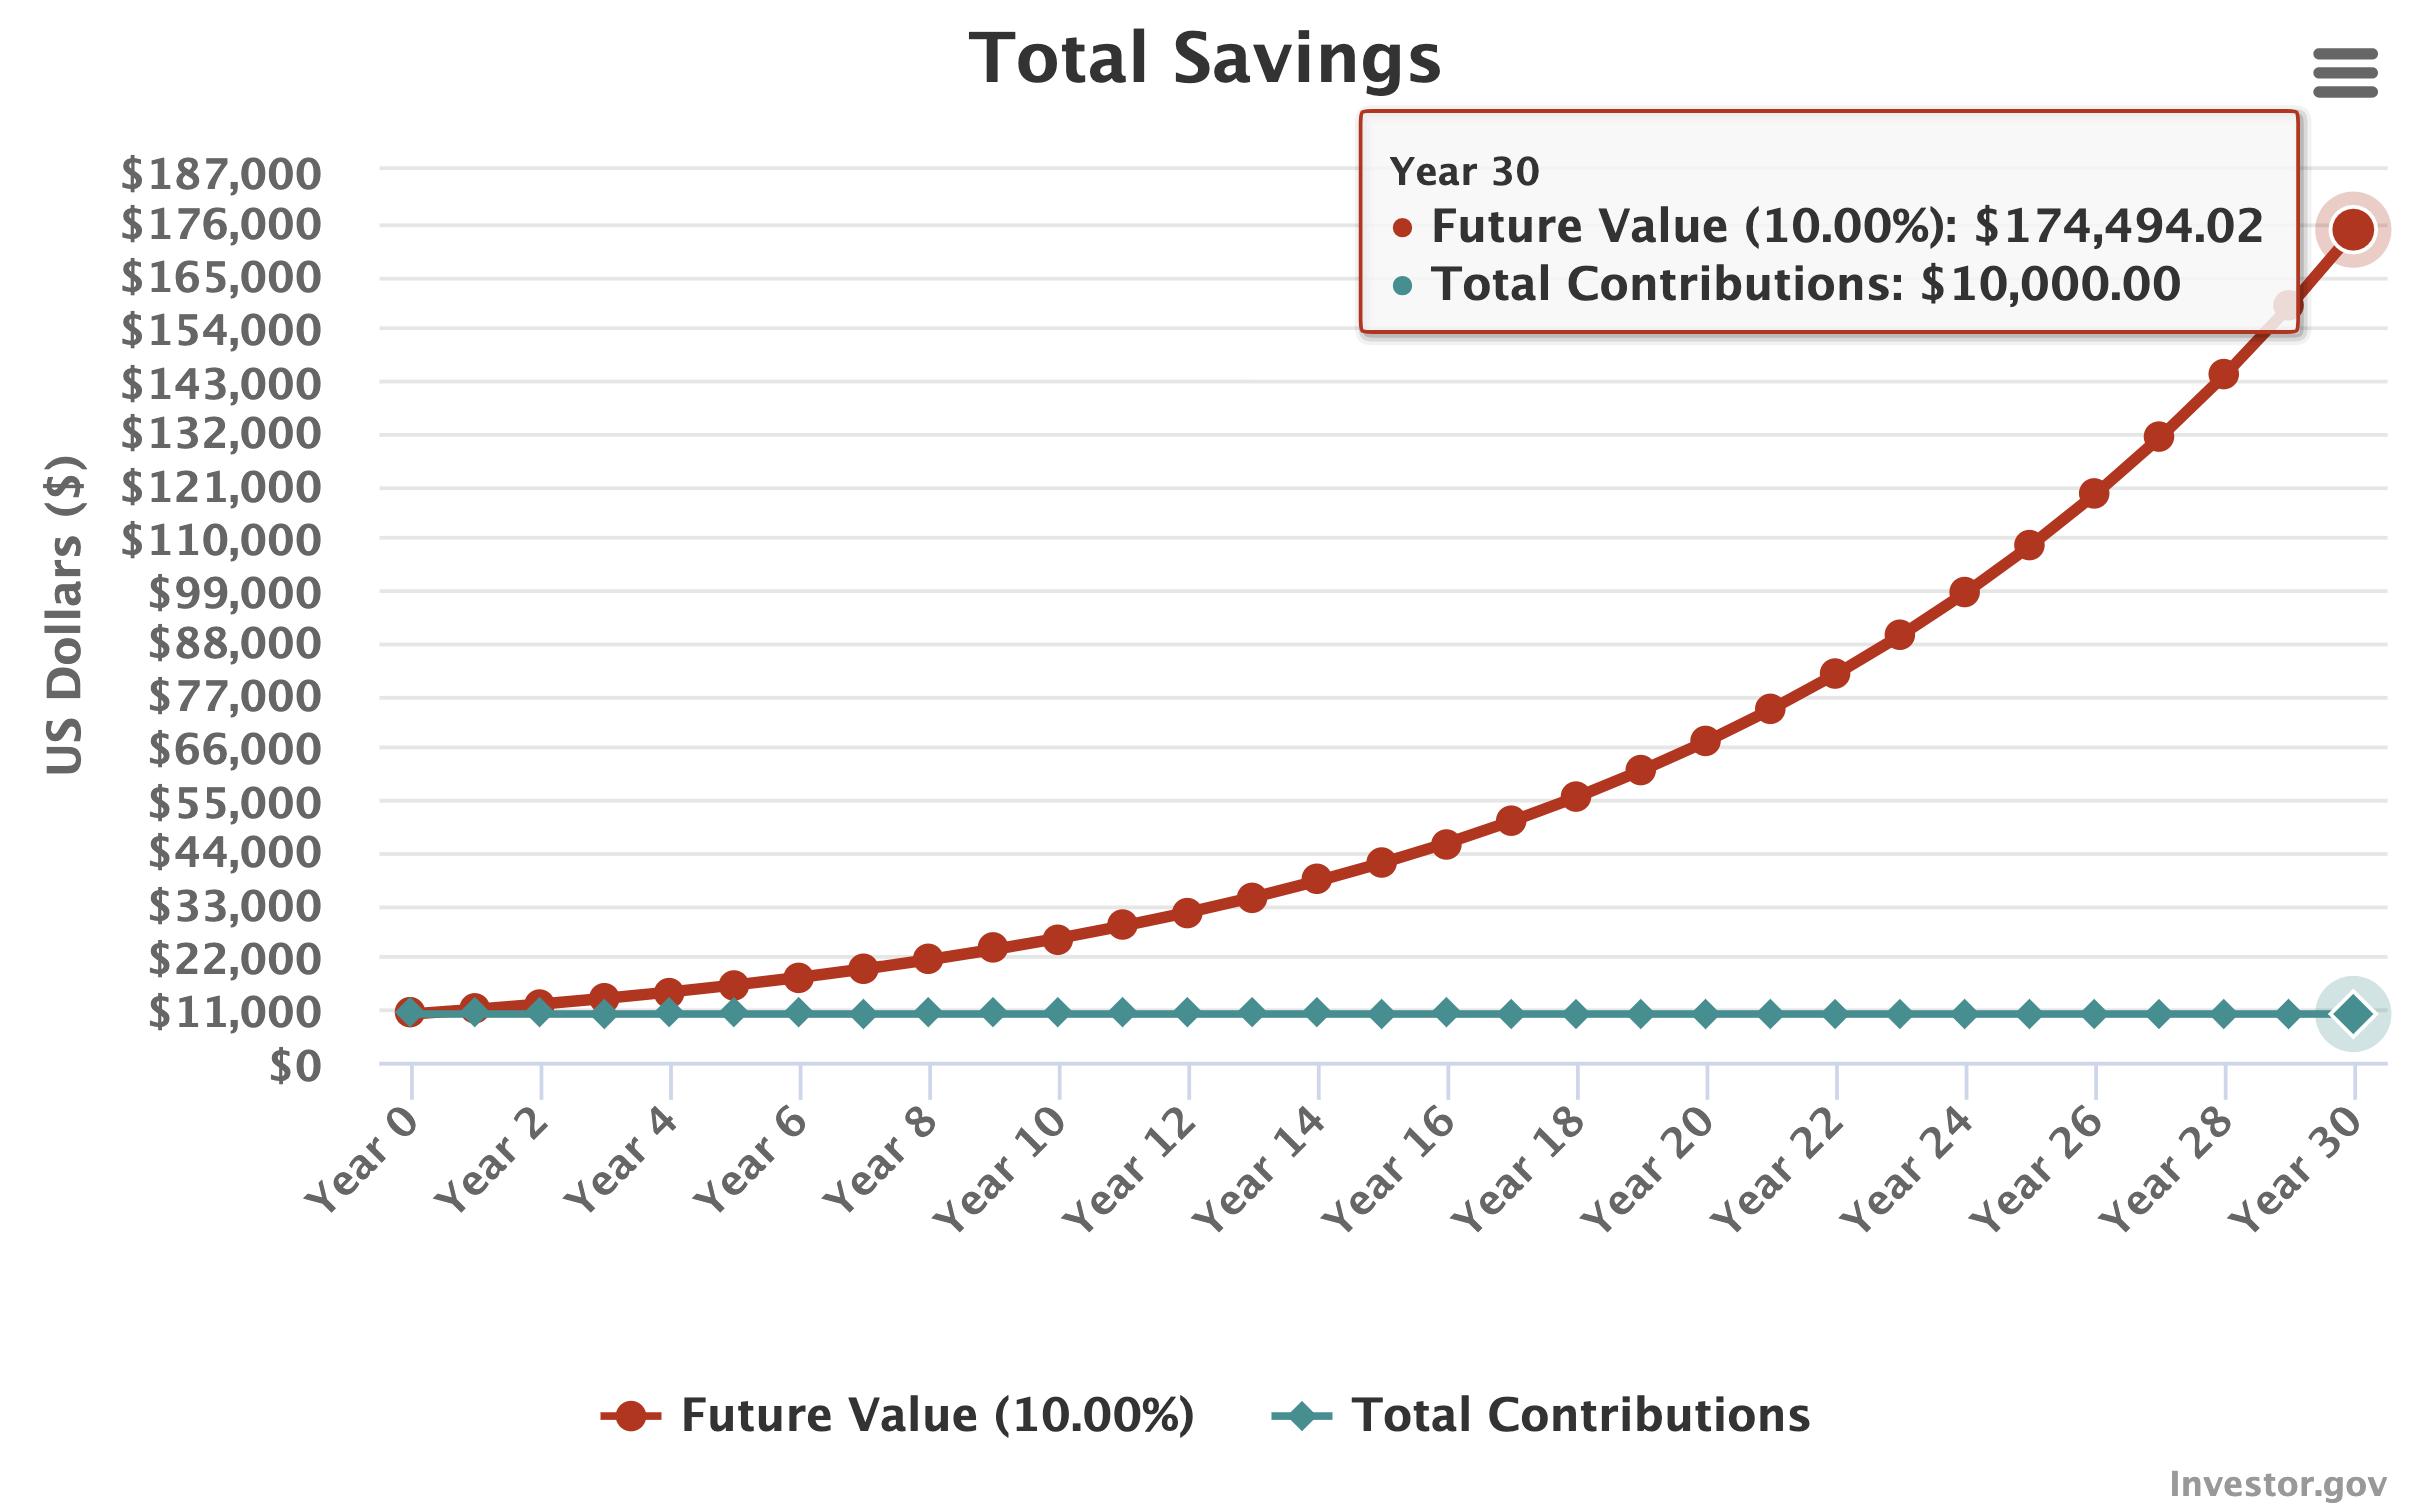 Gráfica de interés compuesto con inversión inicial de $10,000, a 30 años y tasa anual del 10%